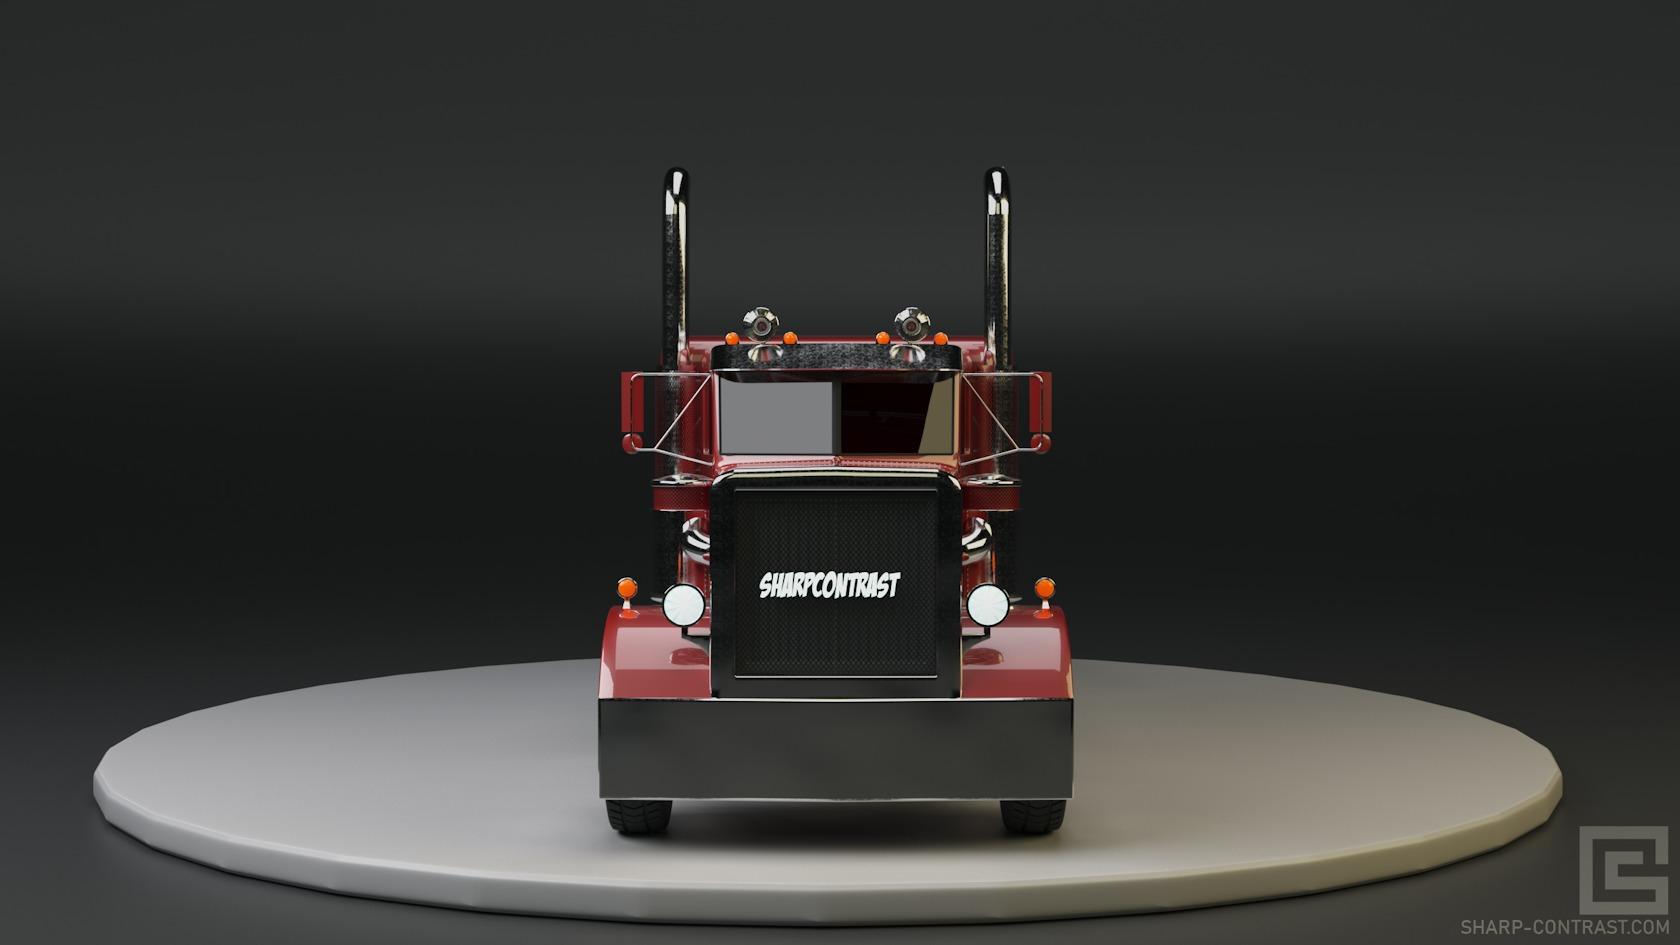 Realistic 3D Model of Peterbilt 359 Truck